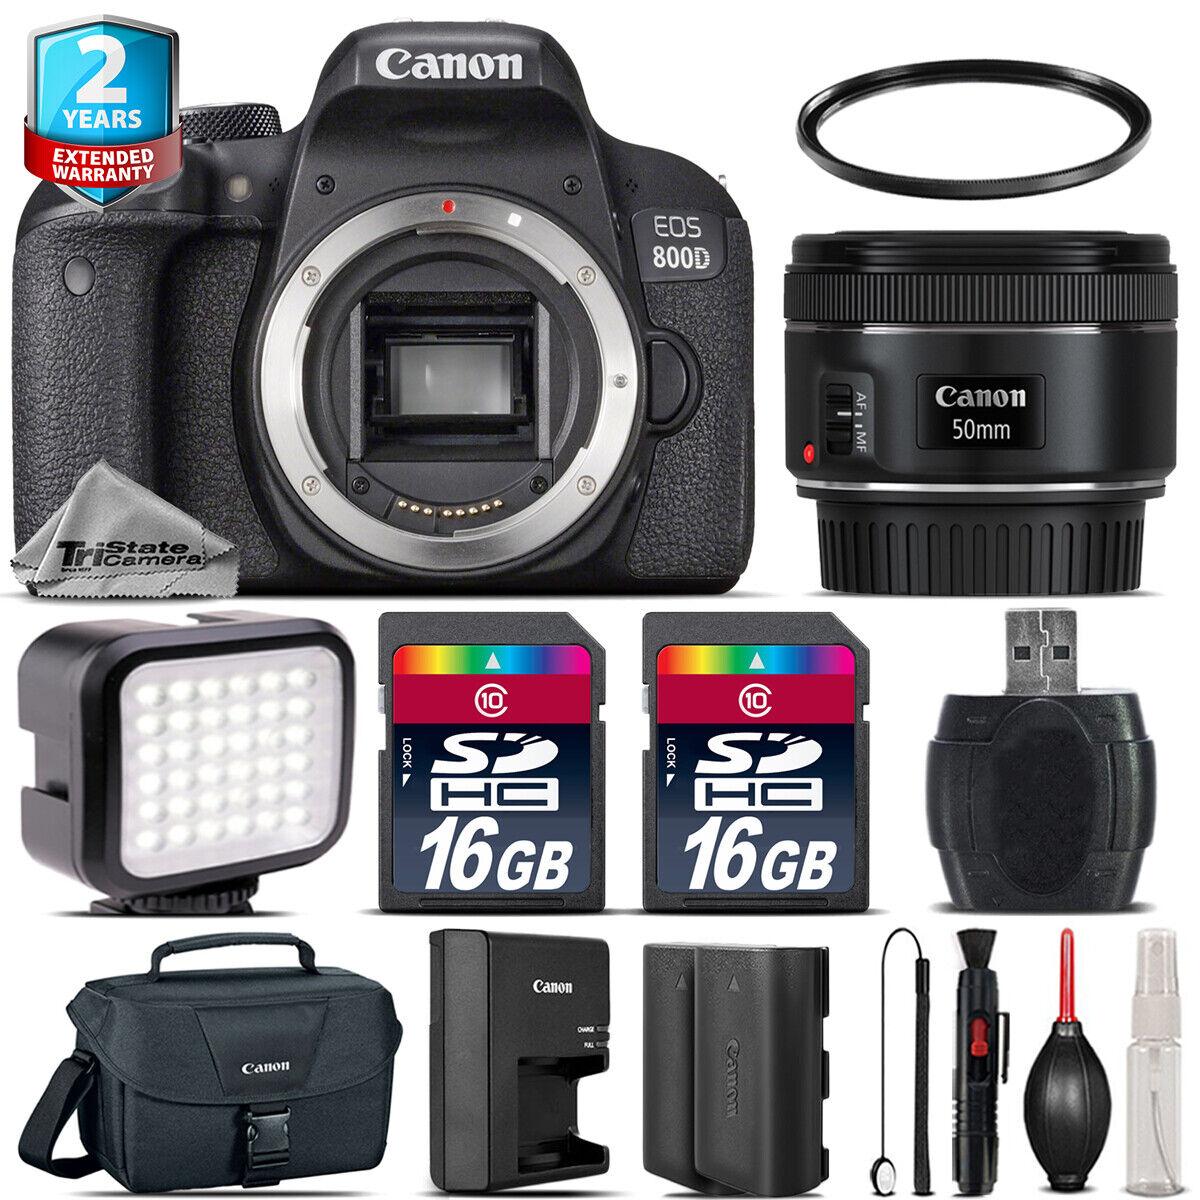 Canon Rebel 800D T7i Camera + 50mm 1.8 STM + Tripod Grip +2yr Warranty -64GB Kit